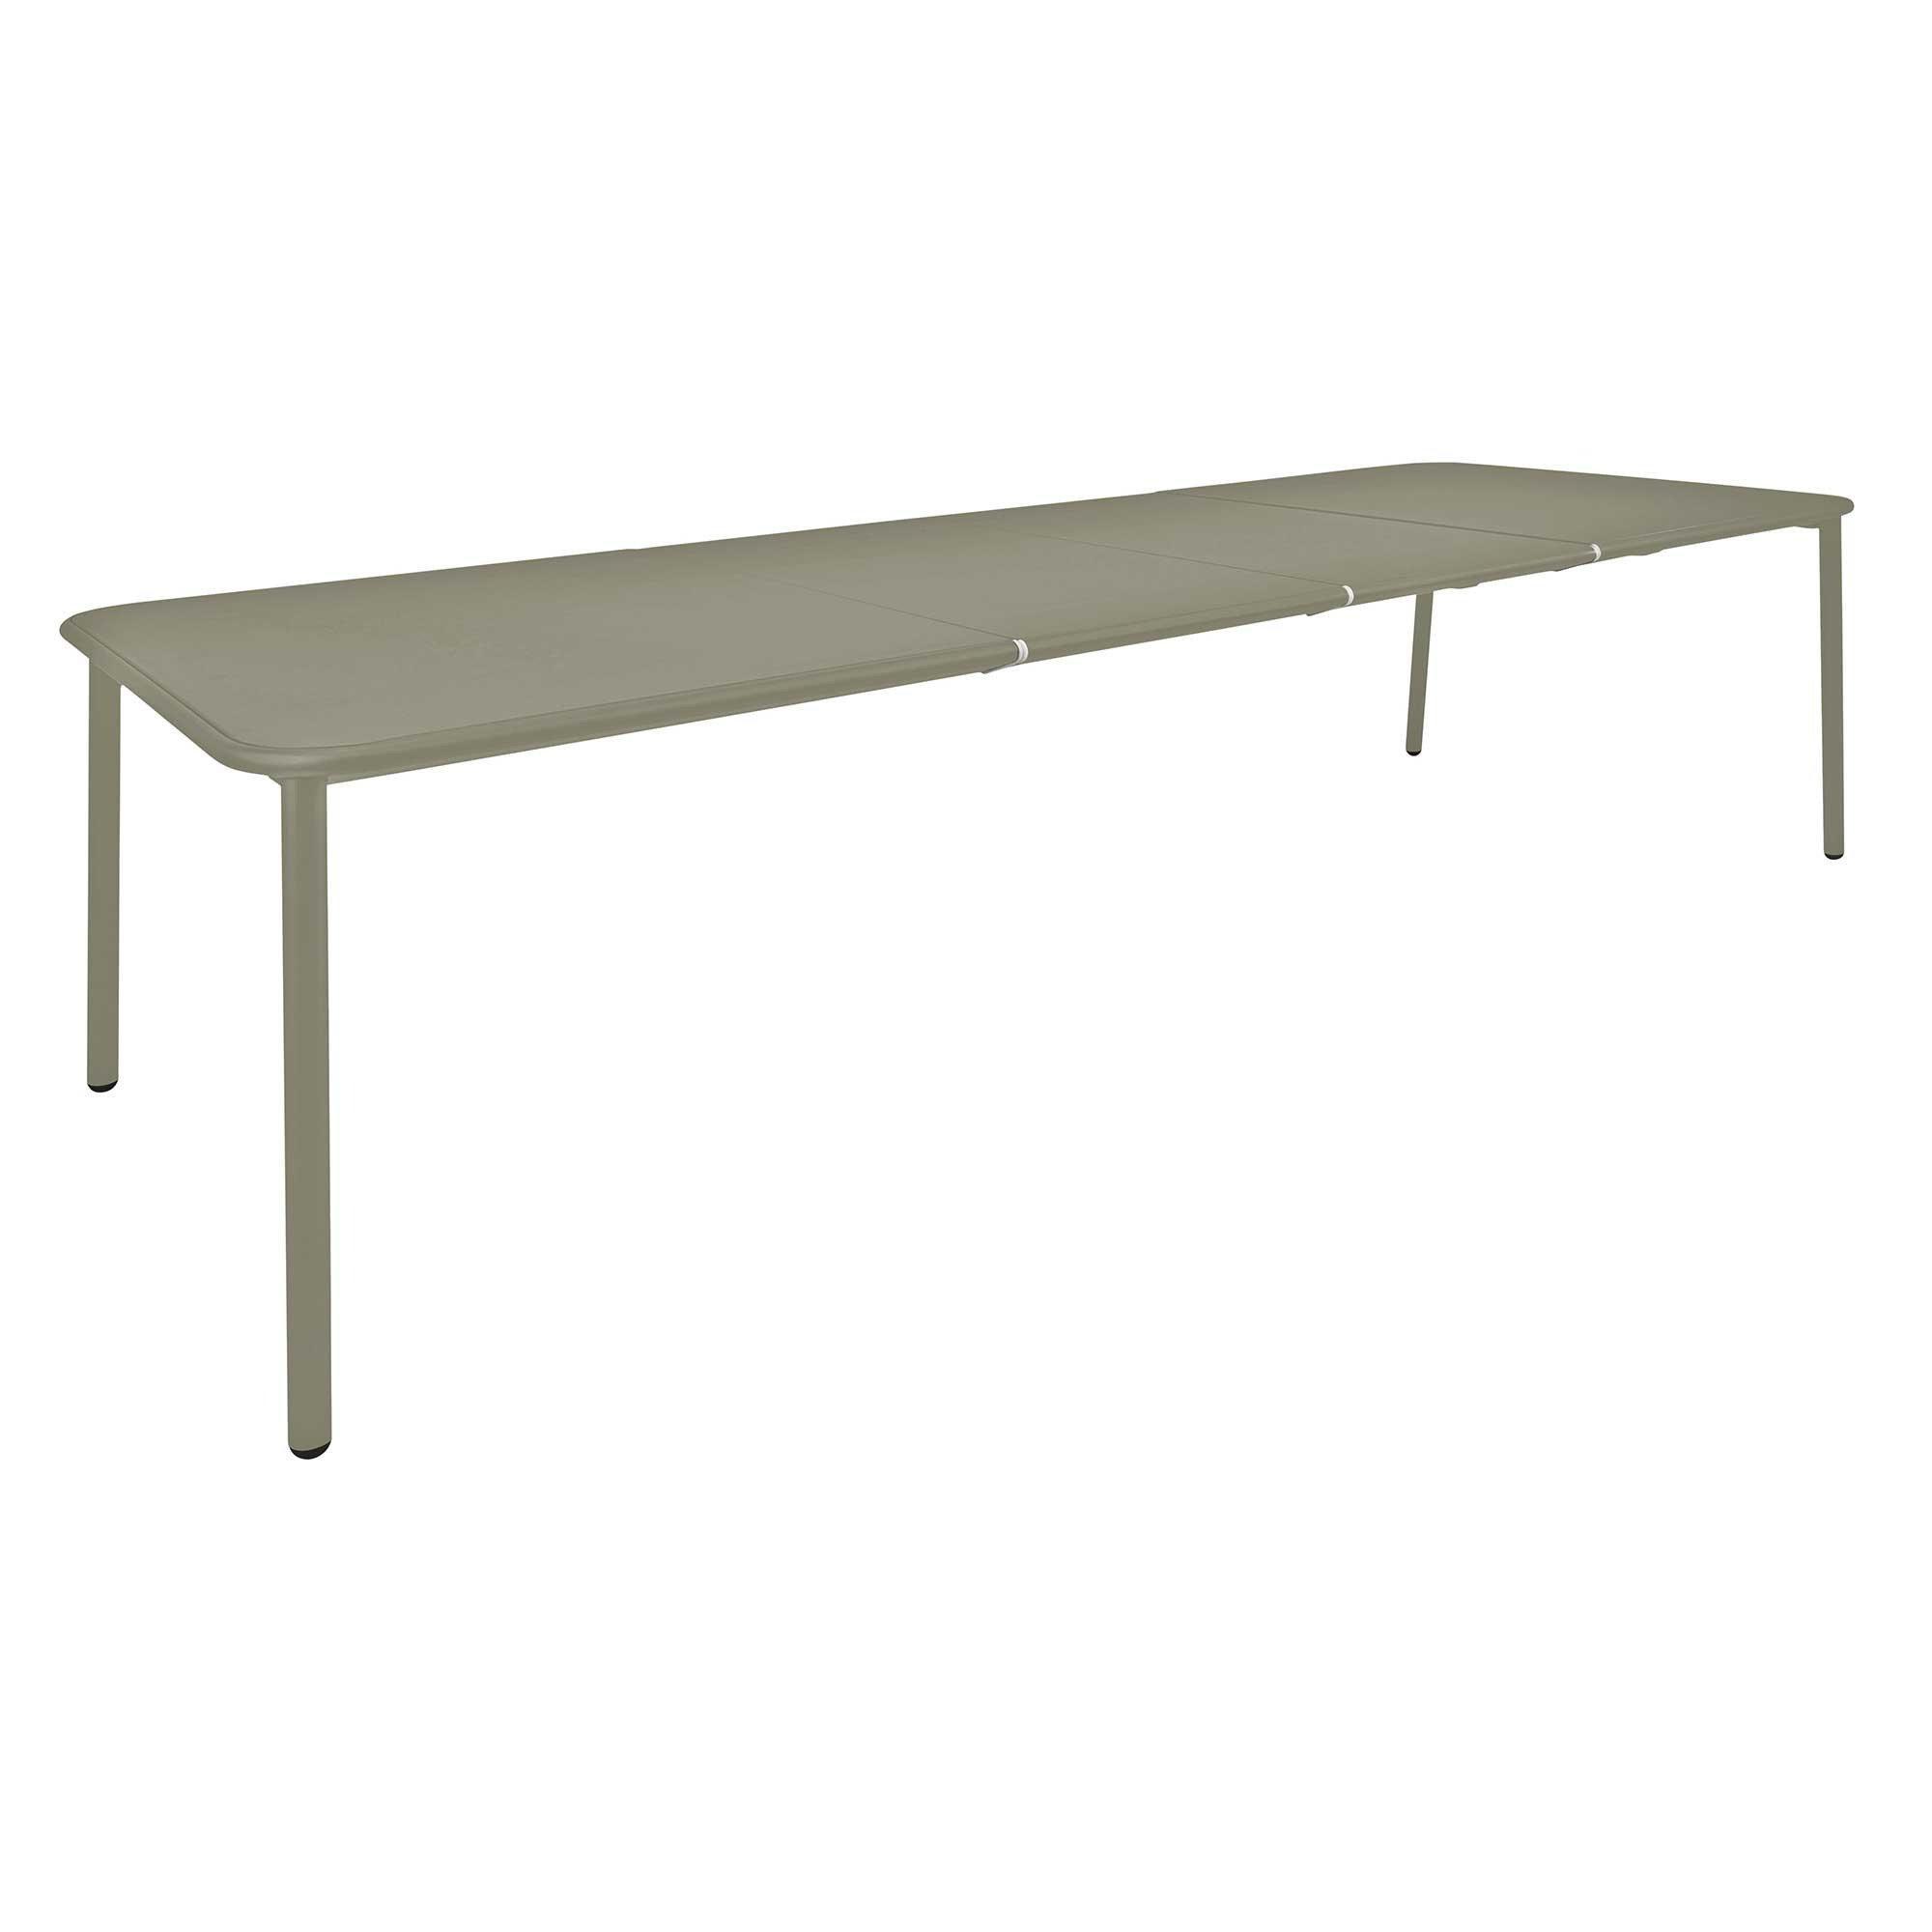 Gartentisch alu ausziehbar  emu Yard Aluminium Gartentisch ausziehbar | AmbienteDirect